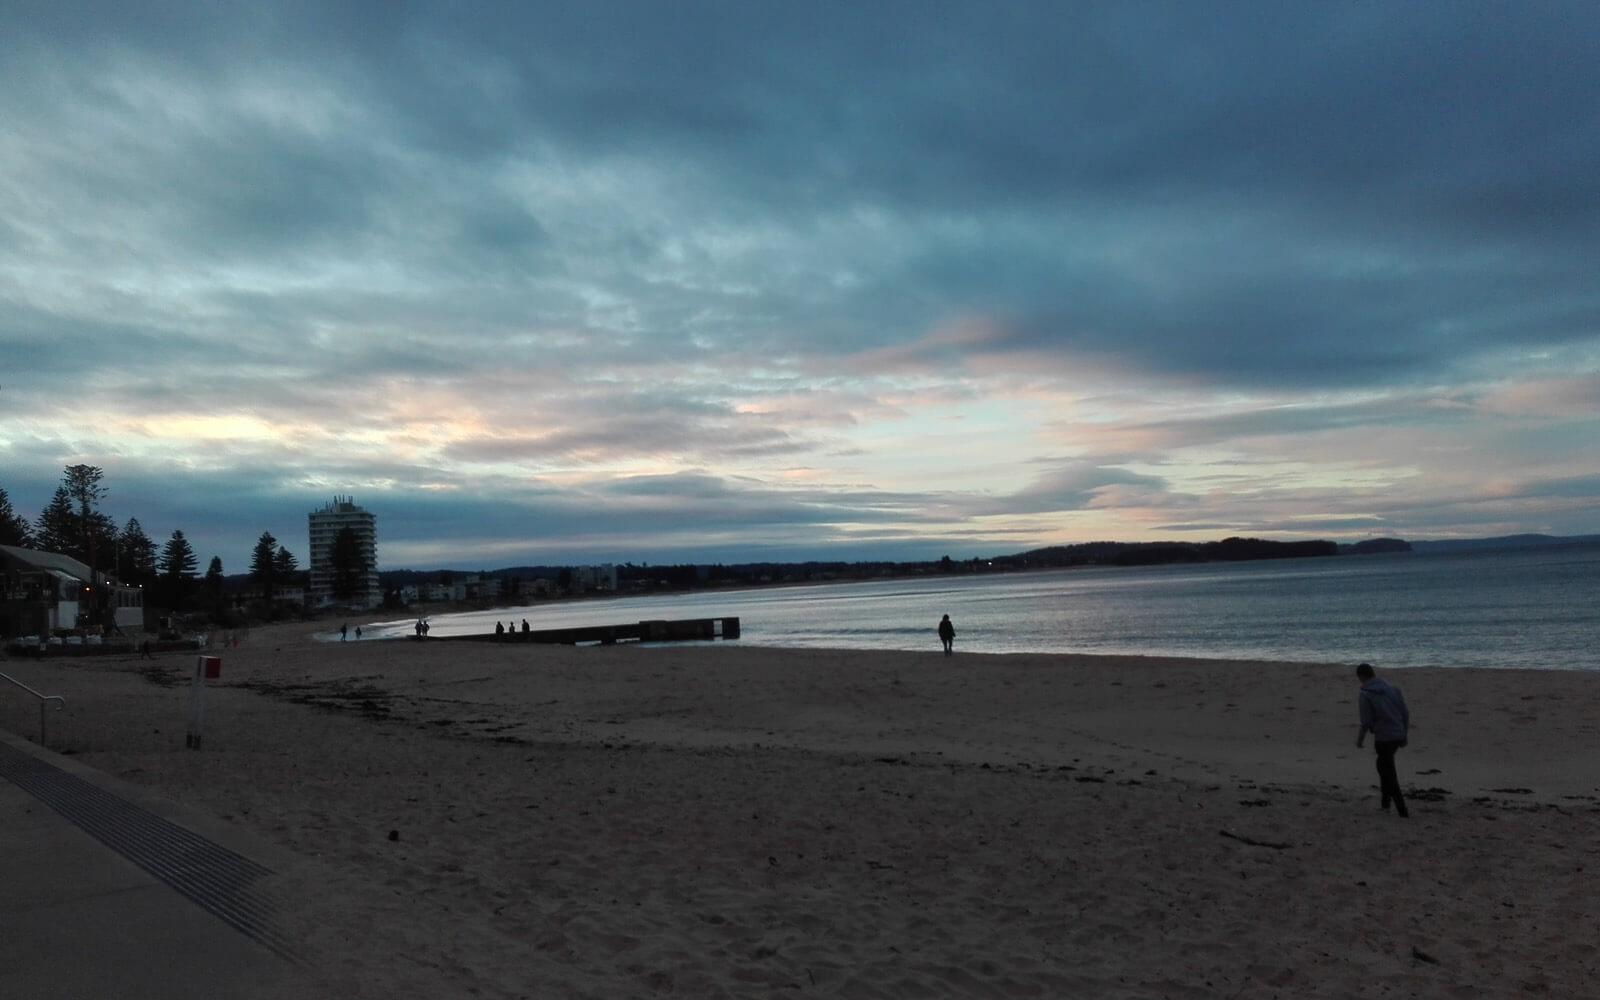 Sonnenuntergang am Strand in Sydney